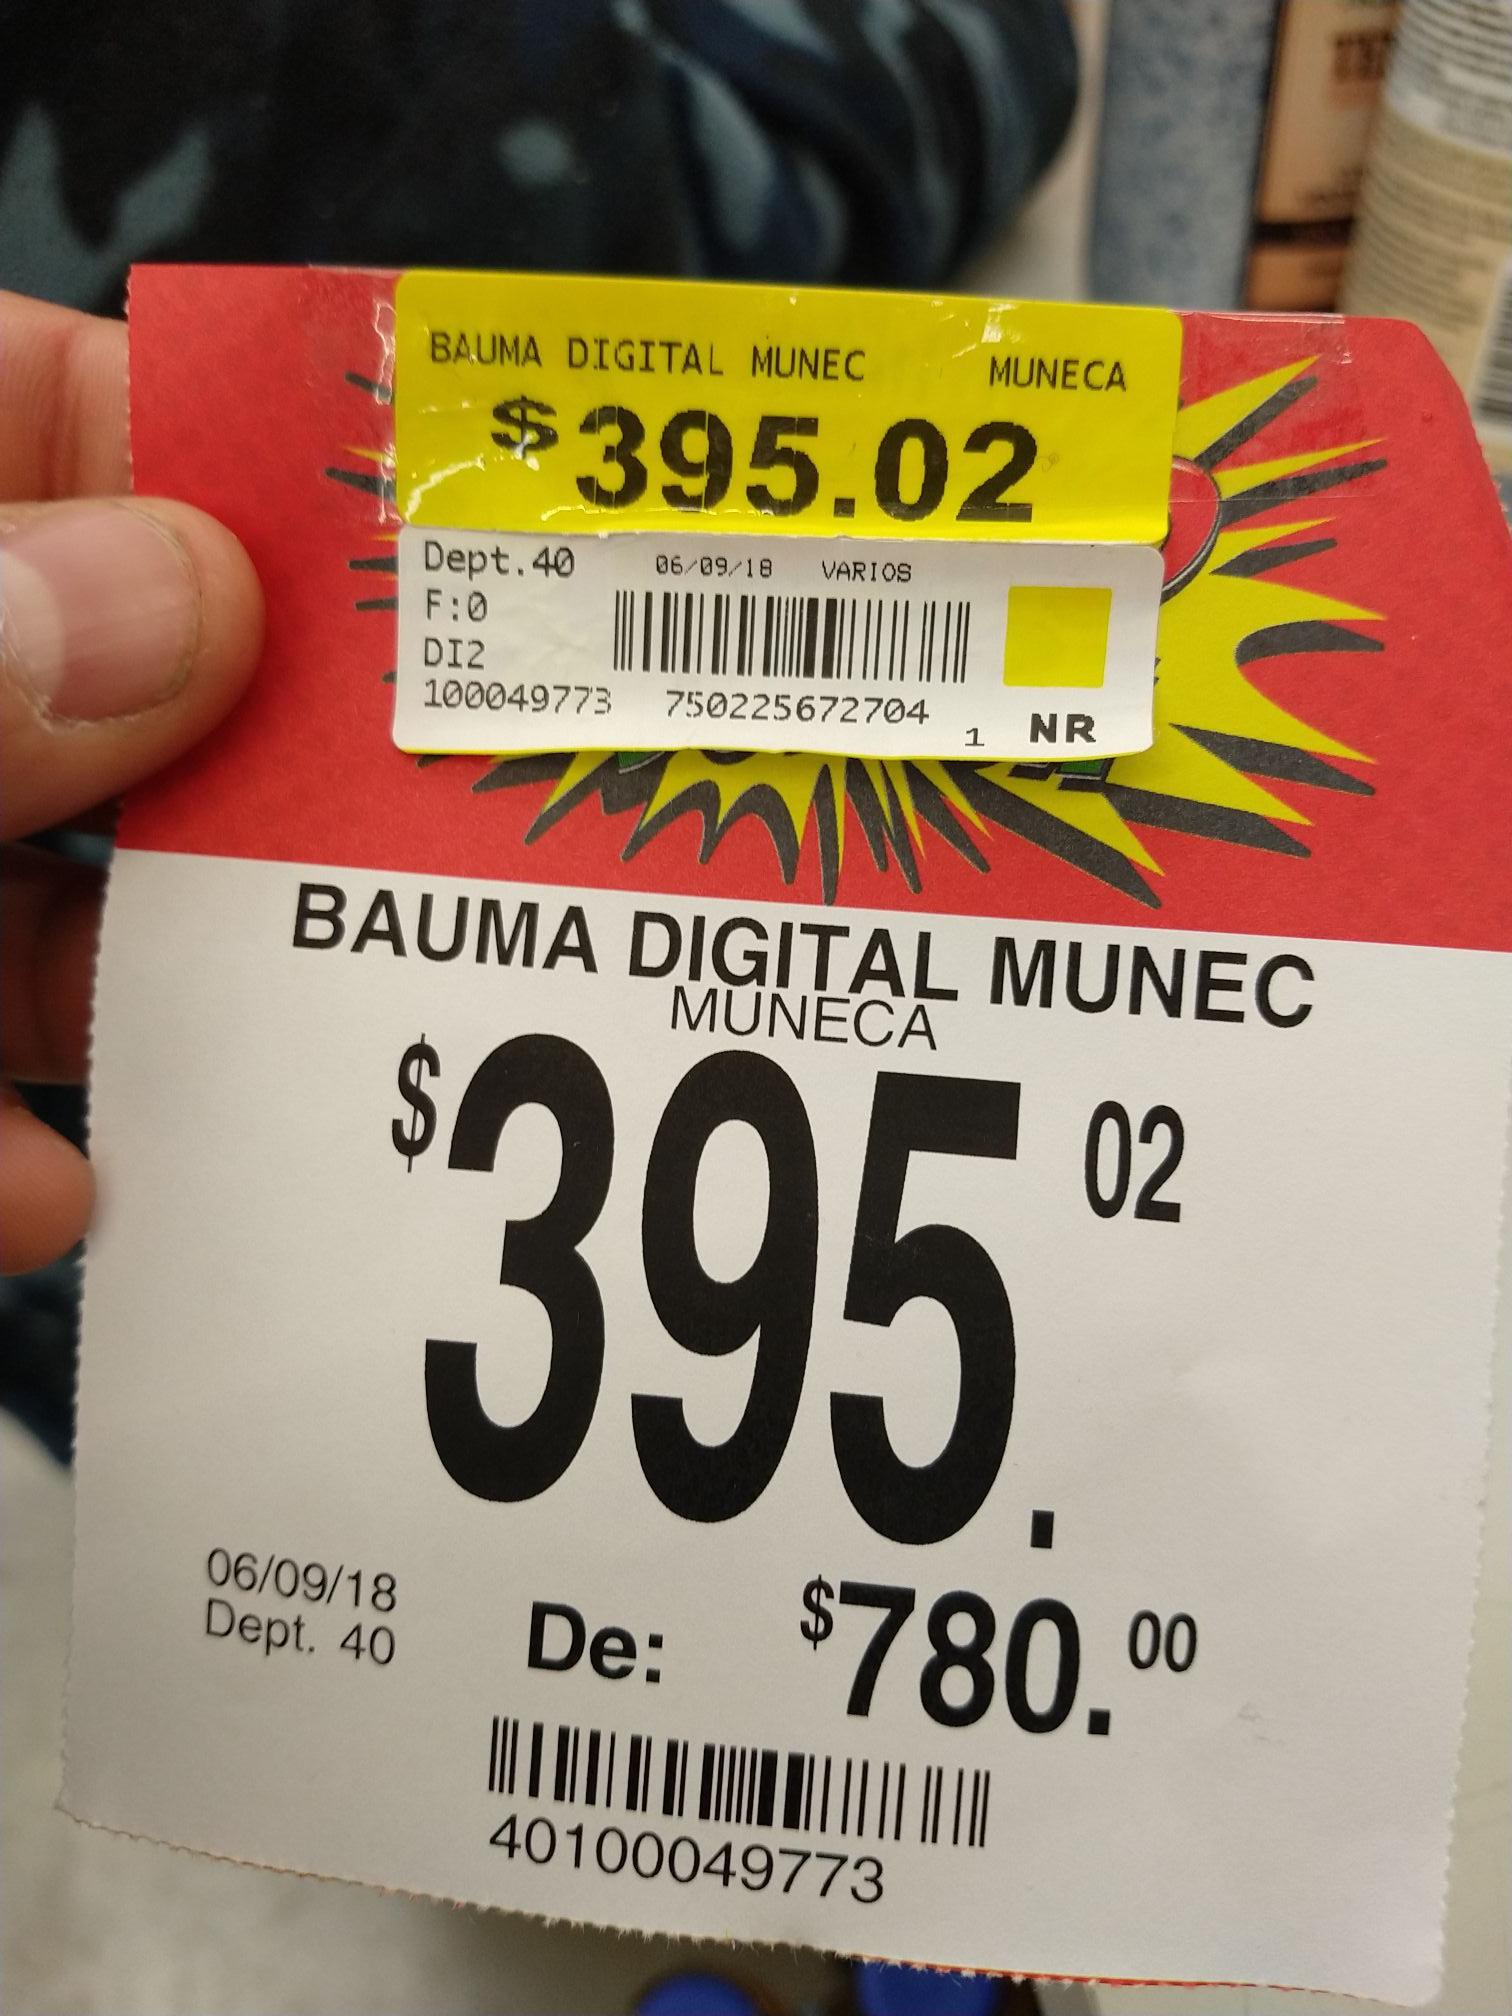 Bodega Aurrerá: Baumanómetro digital